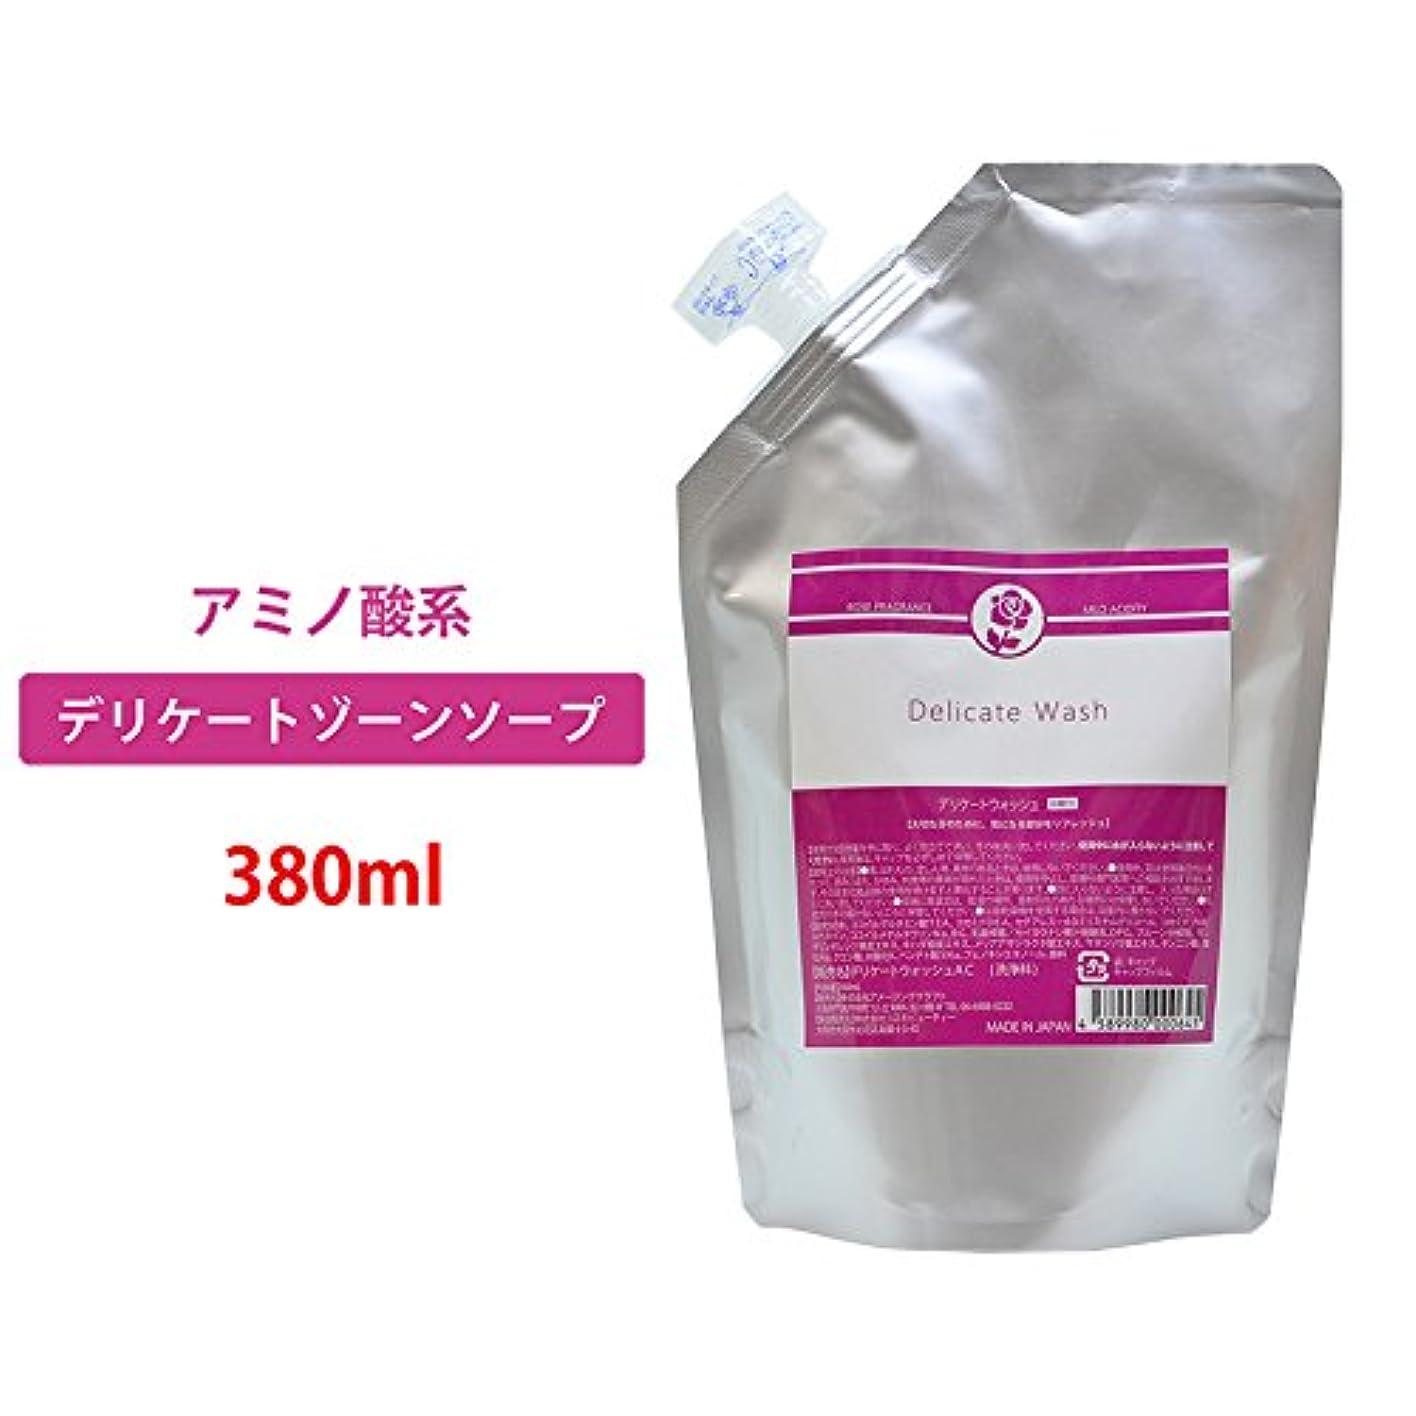 勃起流星アルファベット順デリケートウォッシュ 日本製デリケートゾーンソープ たっぷり380ml フェミニン ウォッシュ